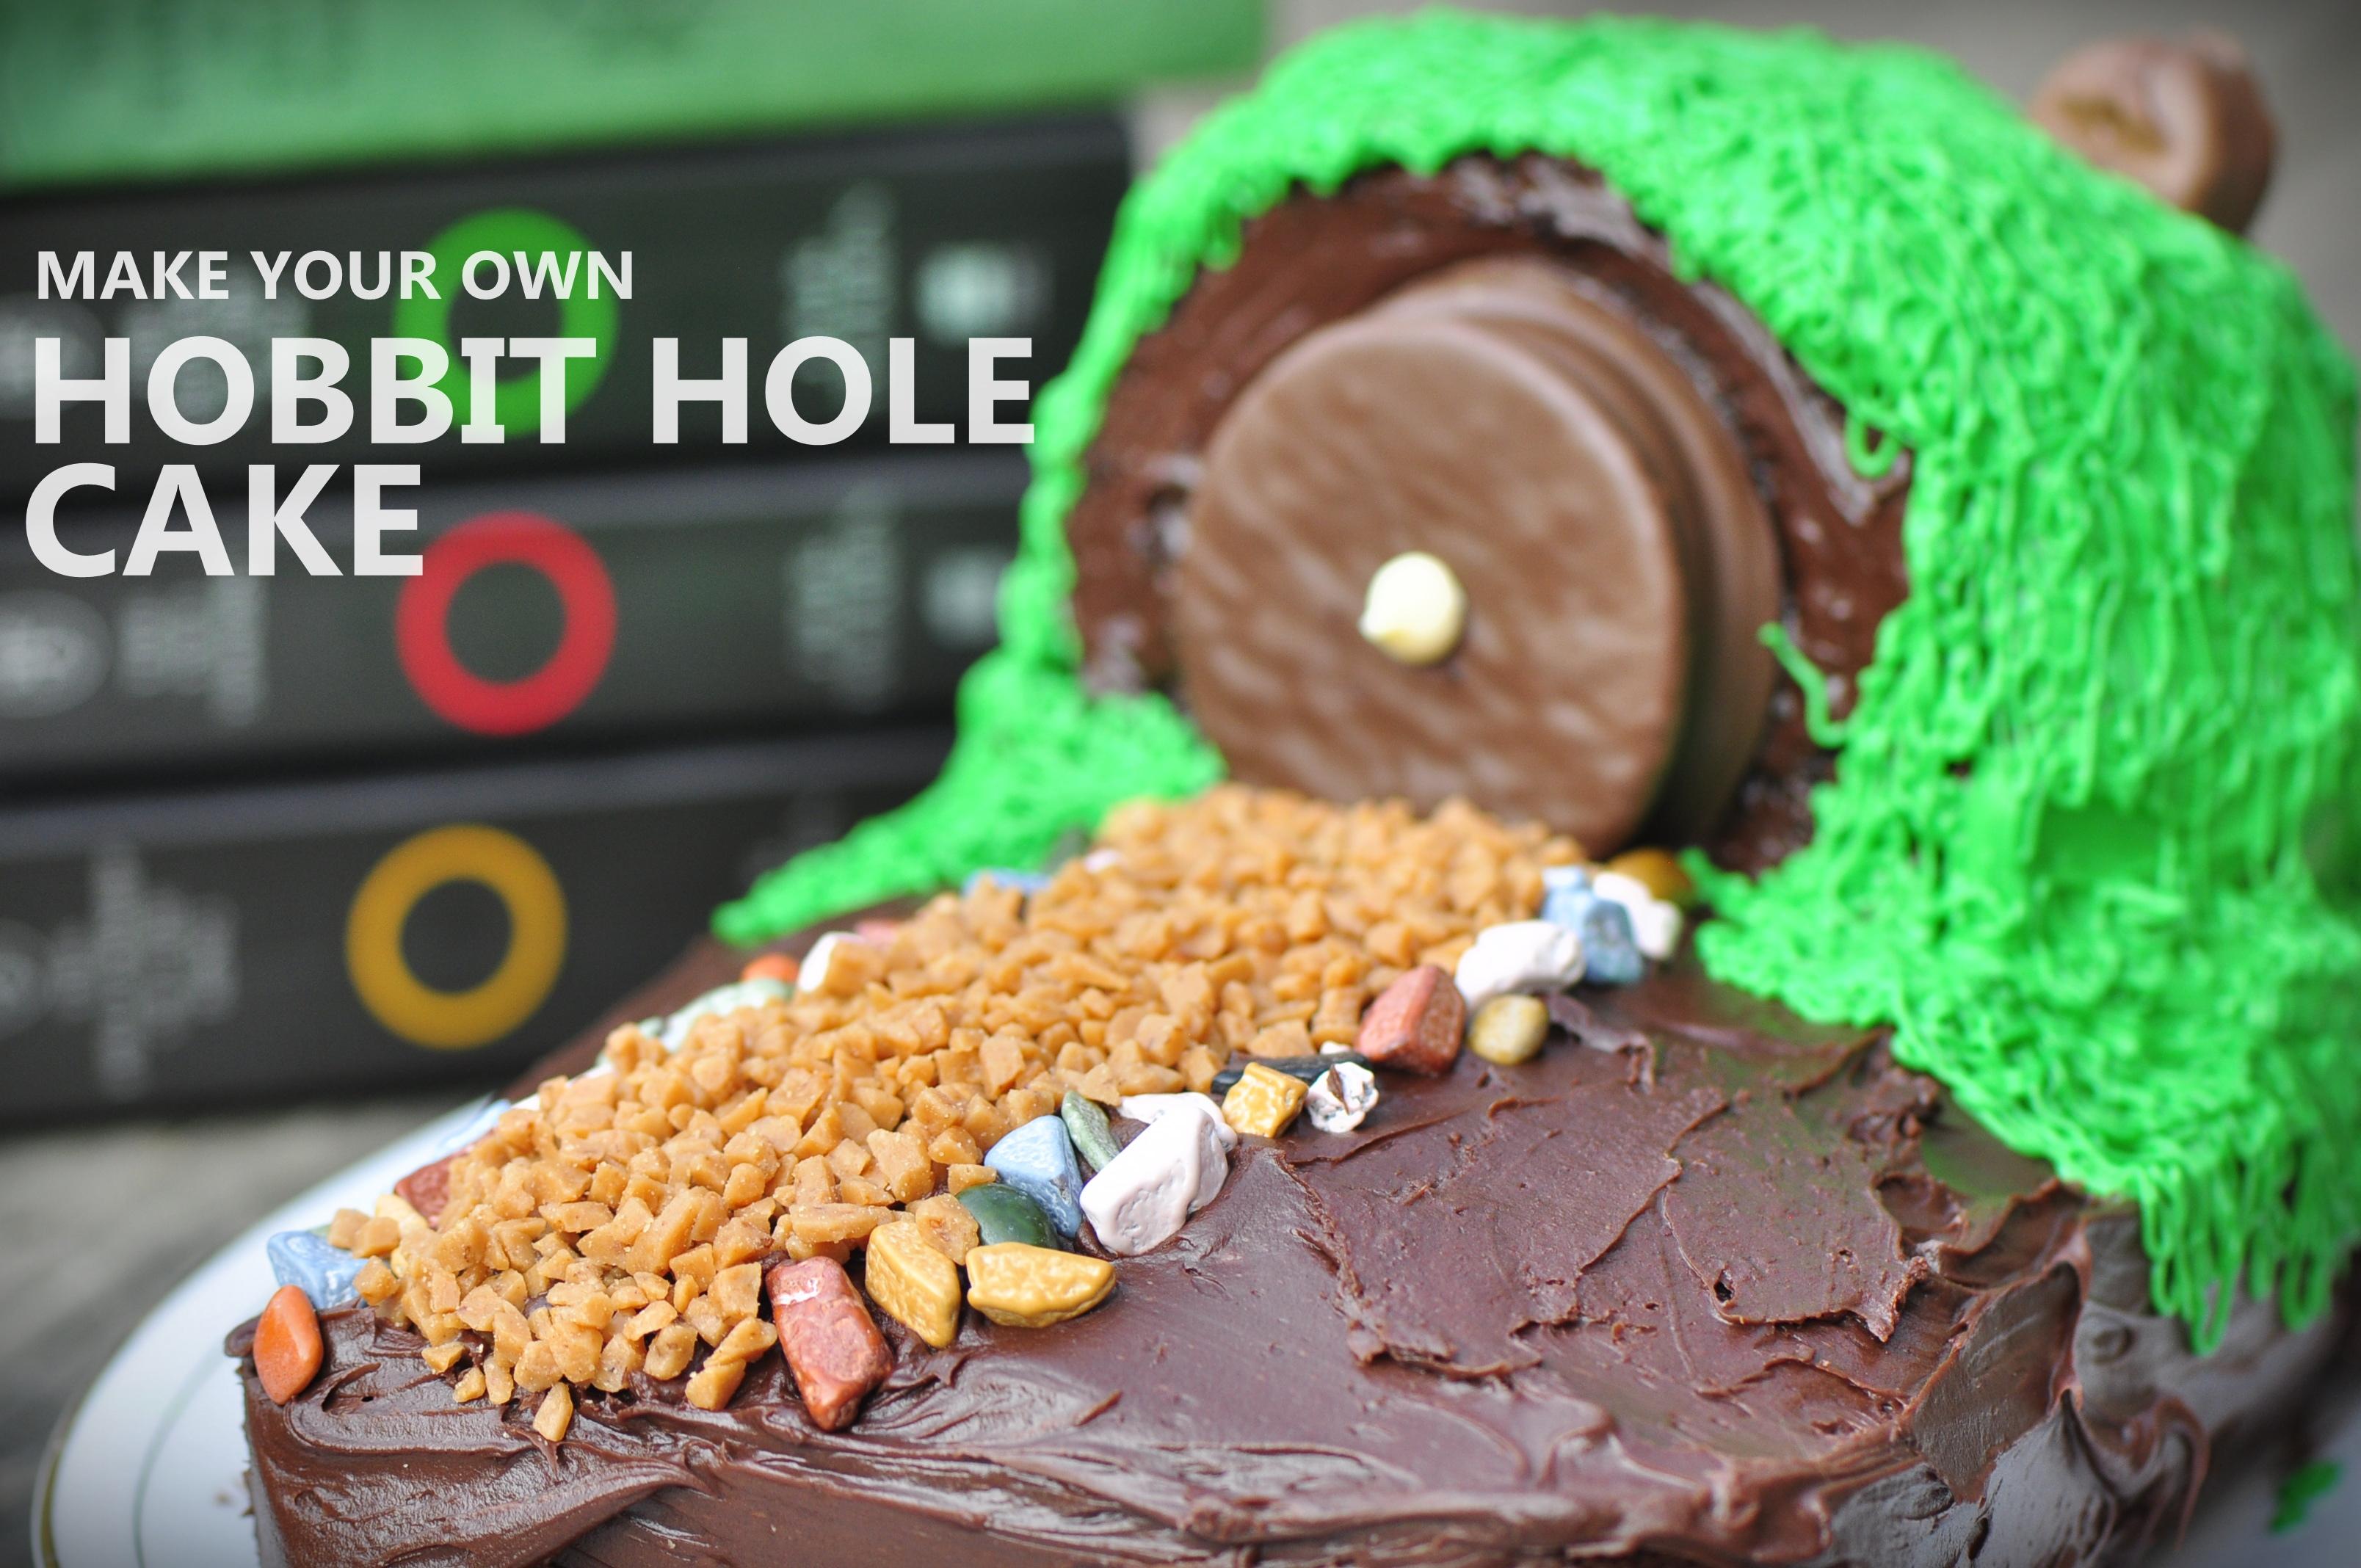 Hobbit Hole Cake Hobbit Hole Cake With Text